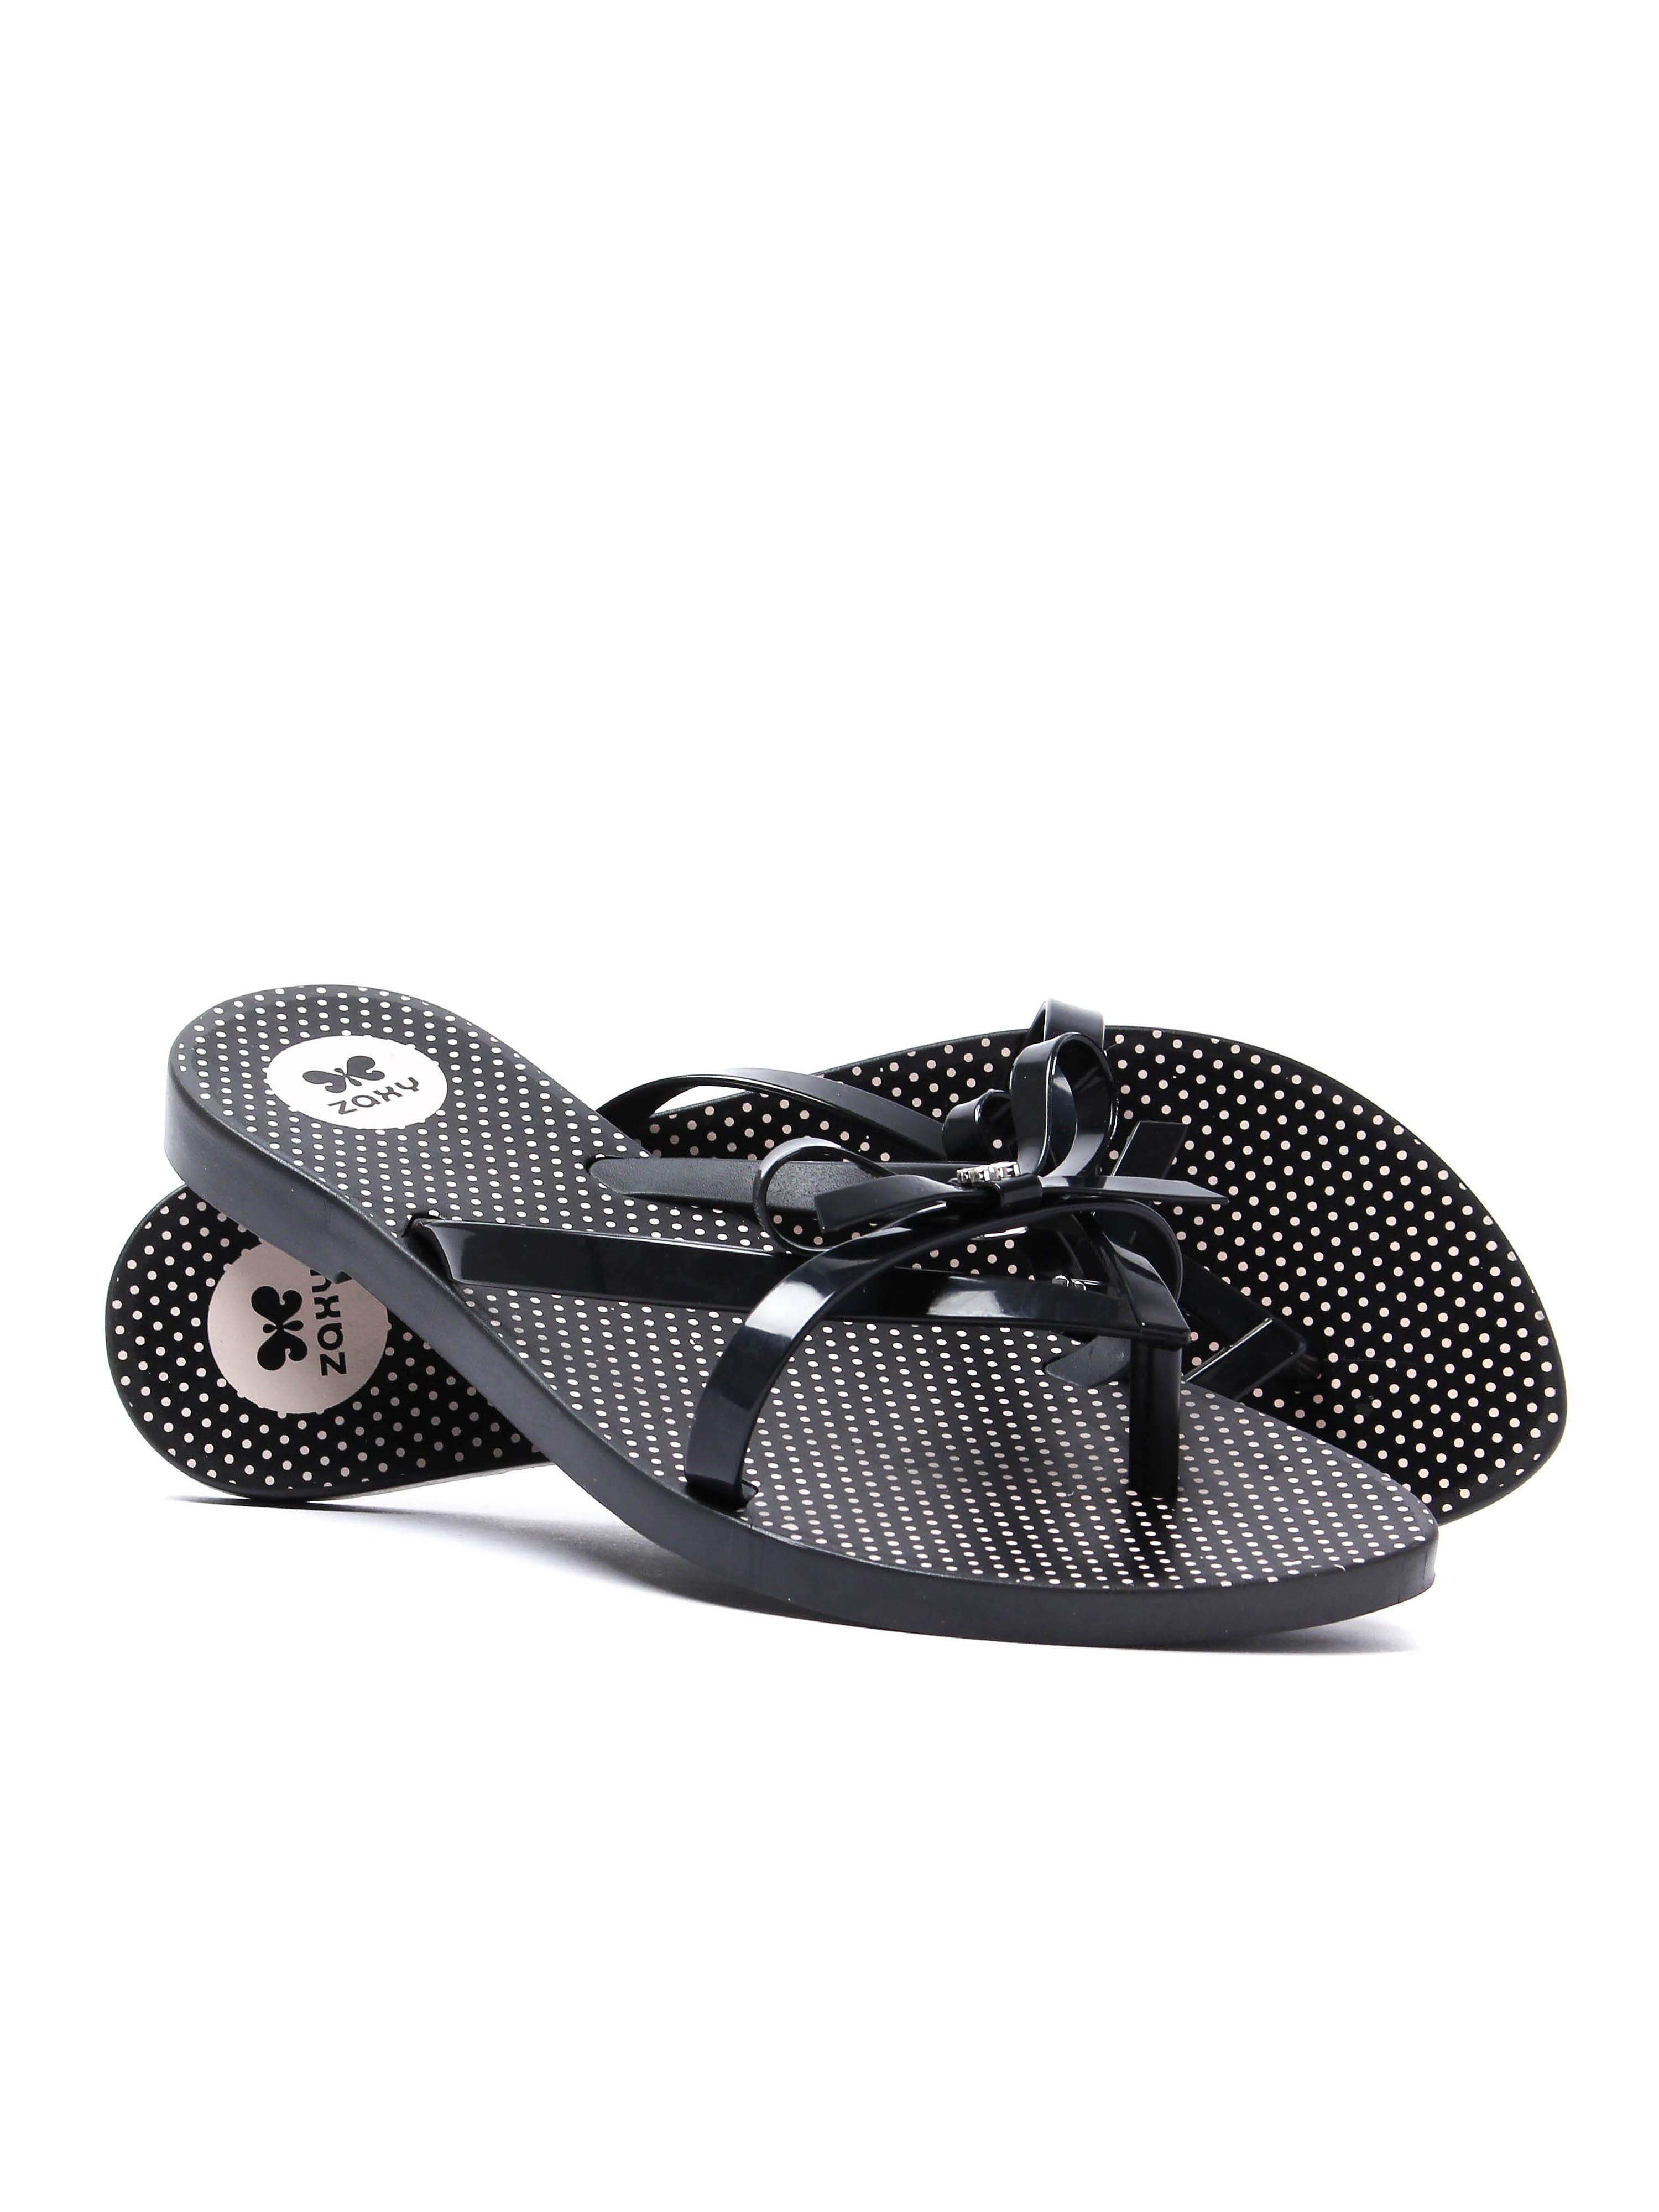 Zaxy Women's Fresh Bow Flip Flops - Black